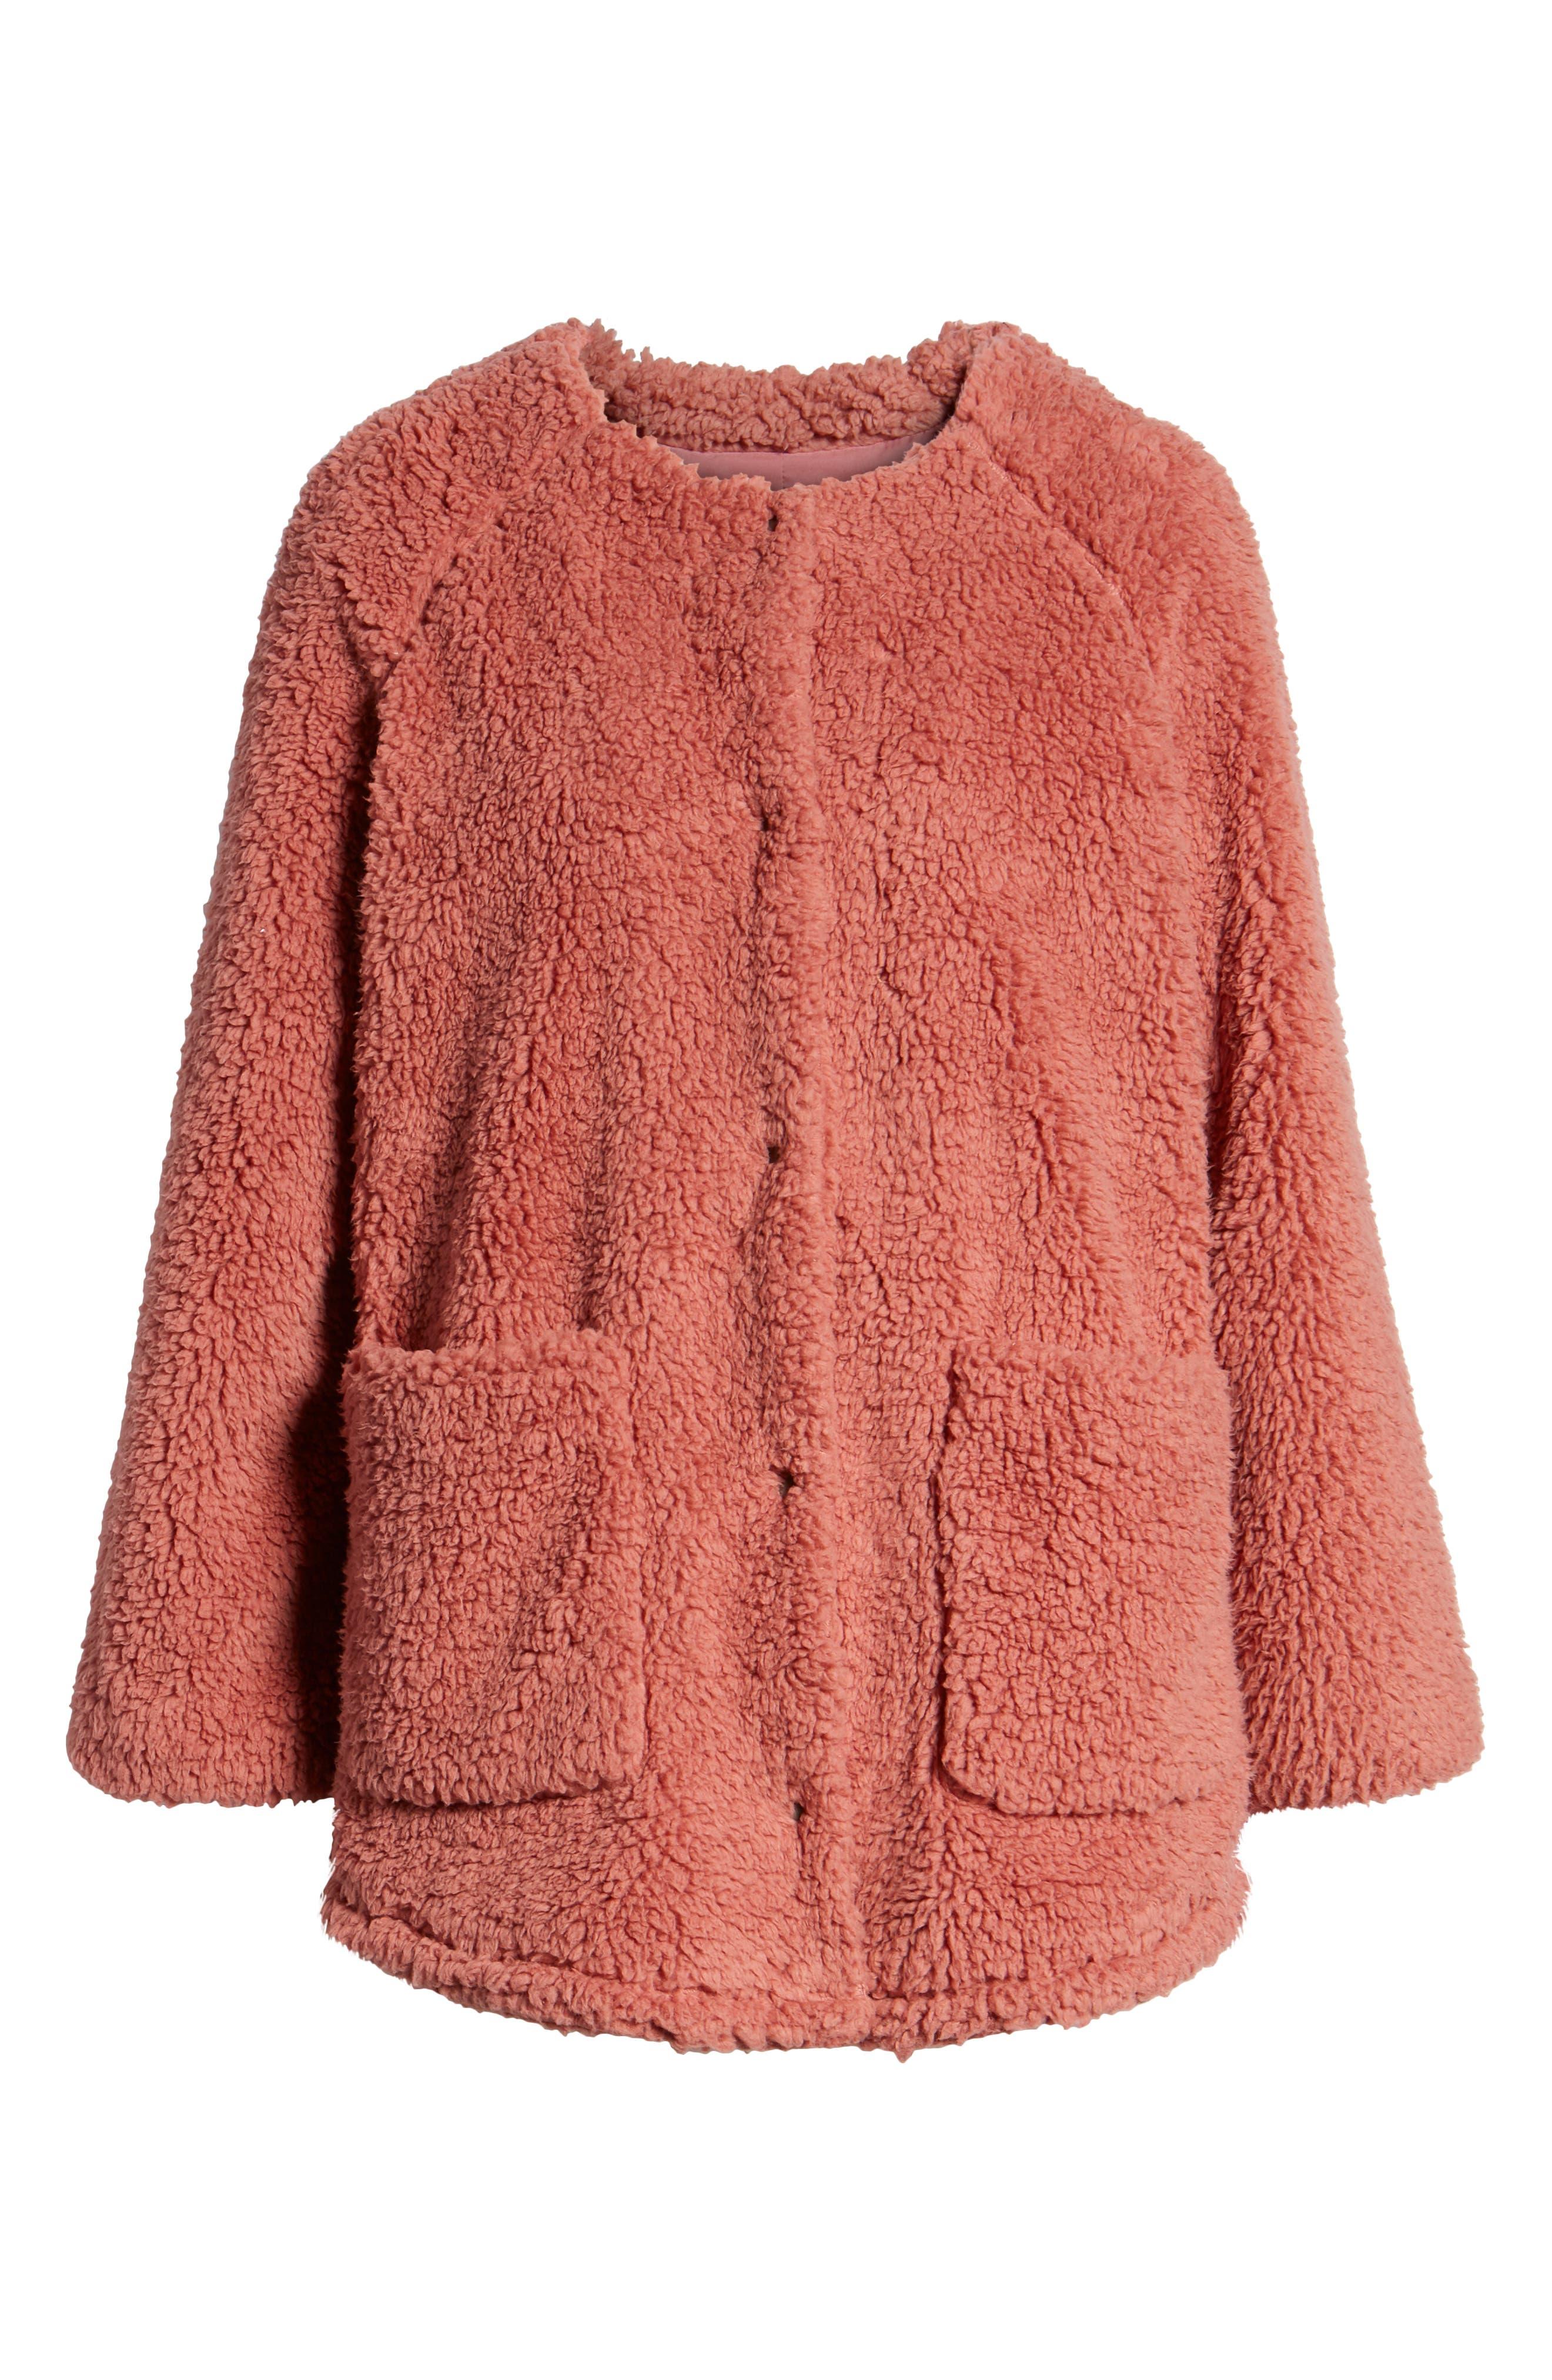 Fuzzy Fleece Jacket,                             Alternate thumbnail 6, color,                             650